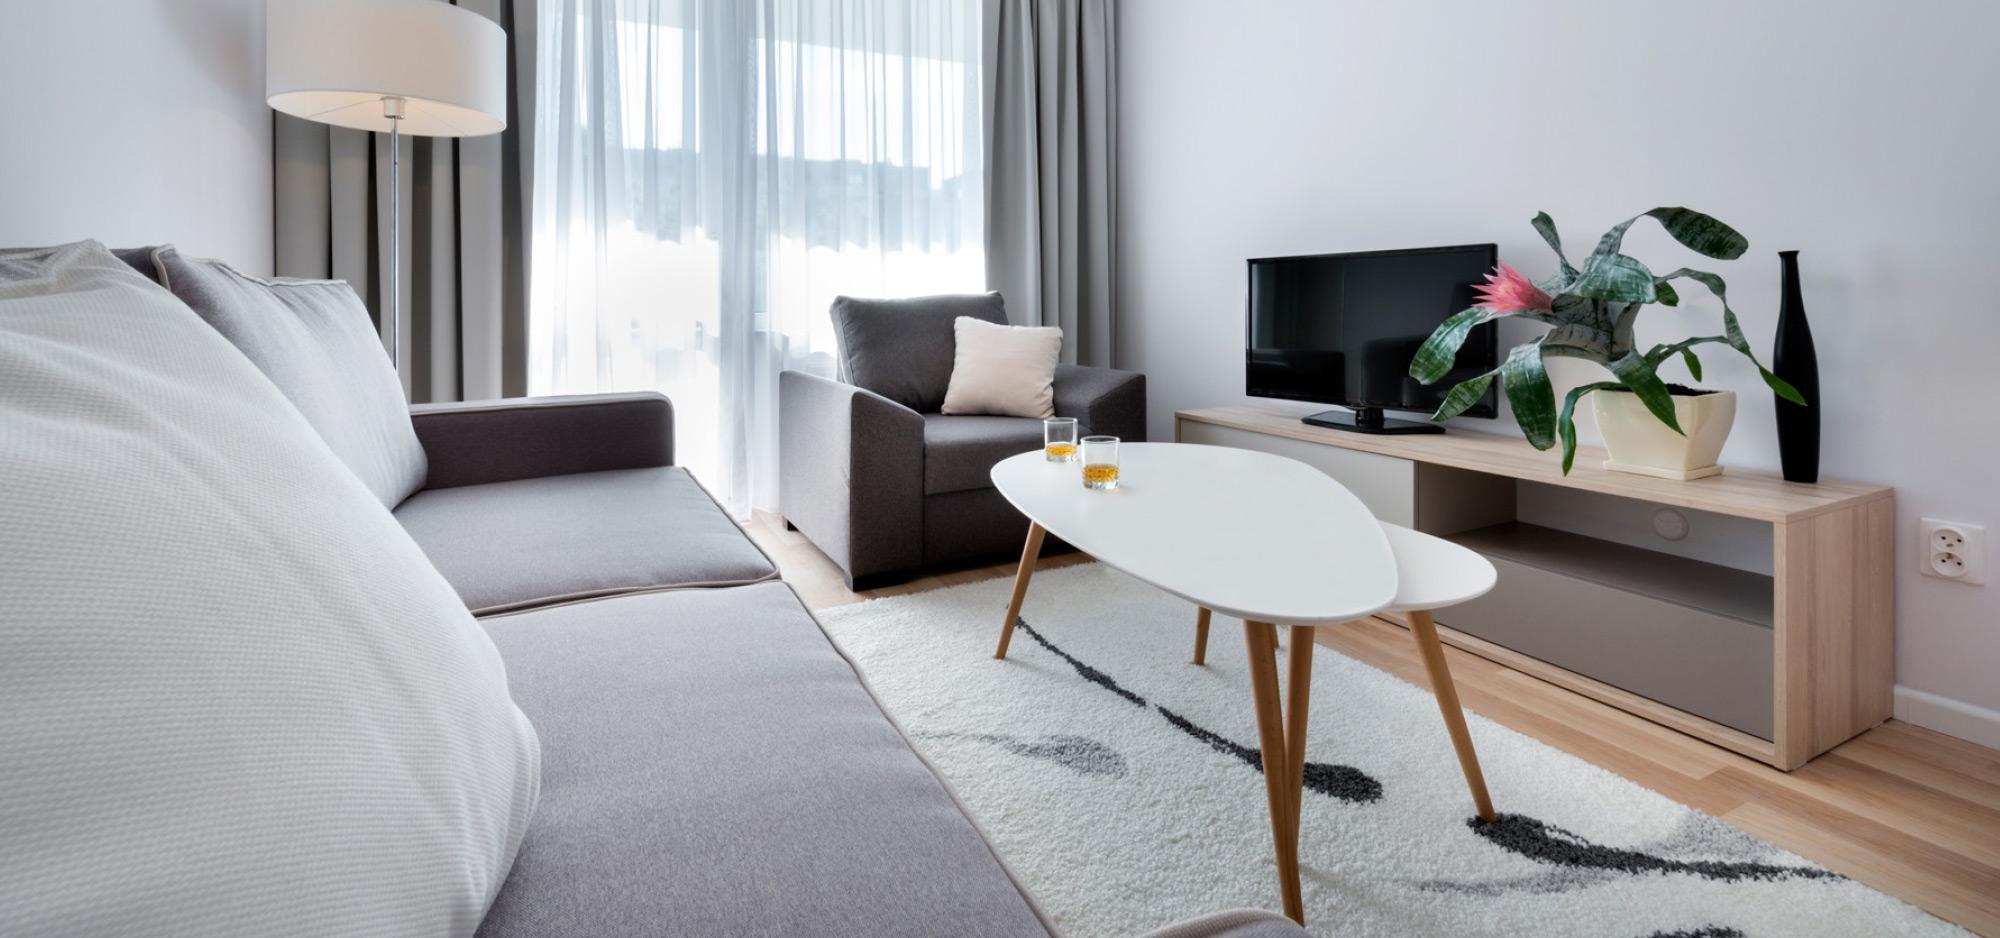 Mypropertyhost Airbnb management London